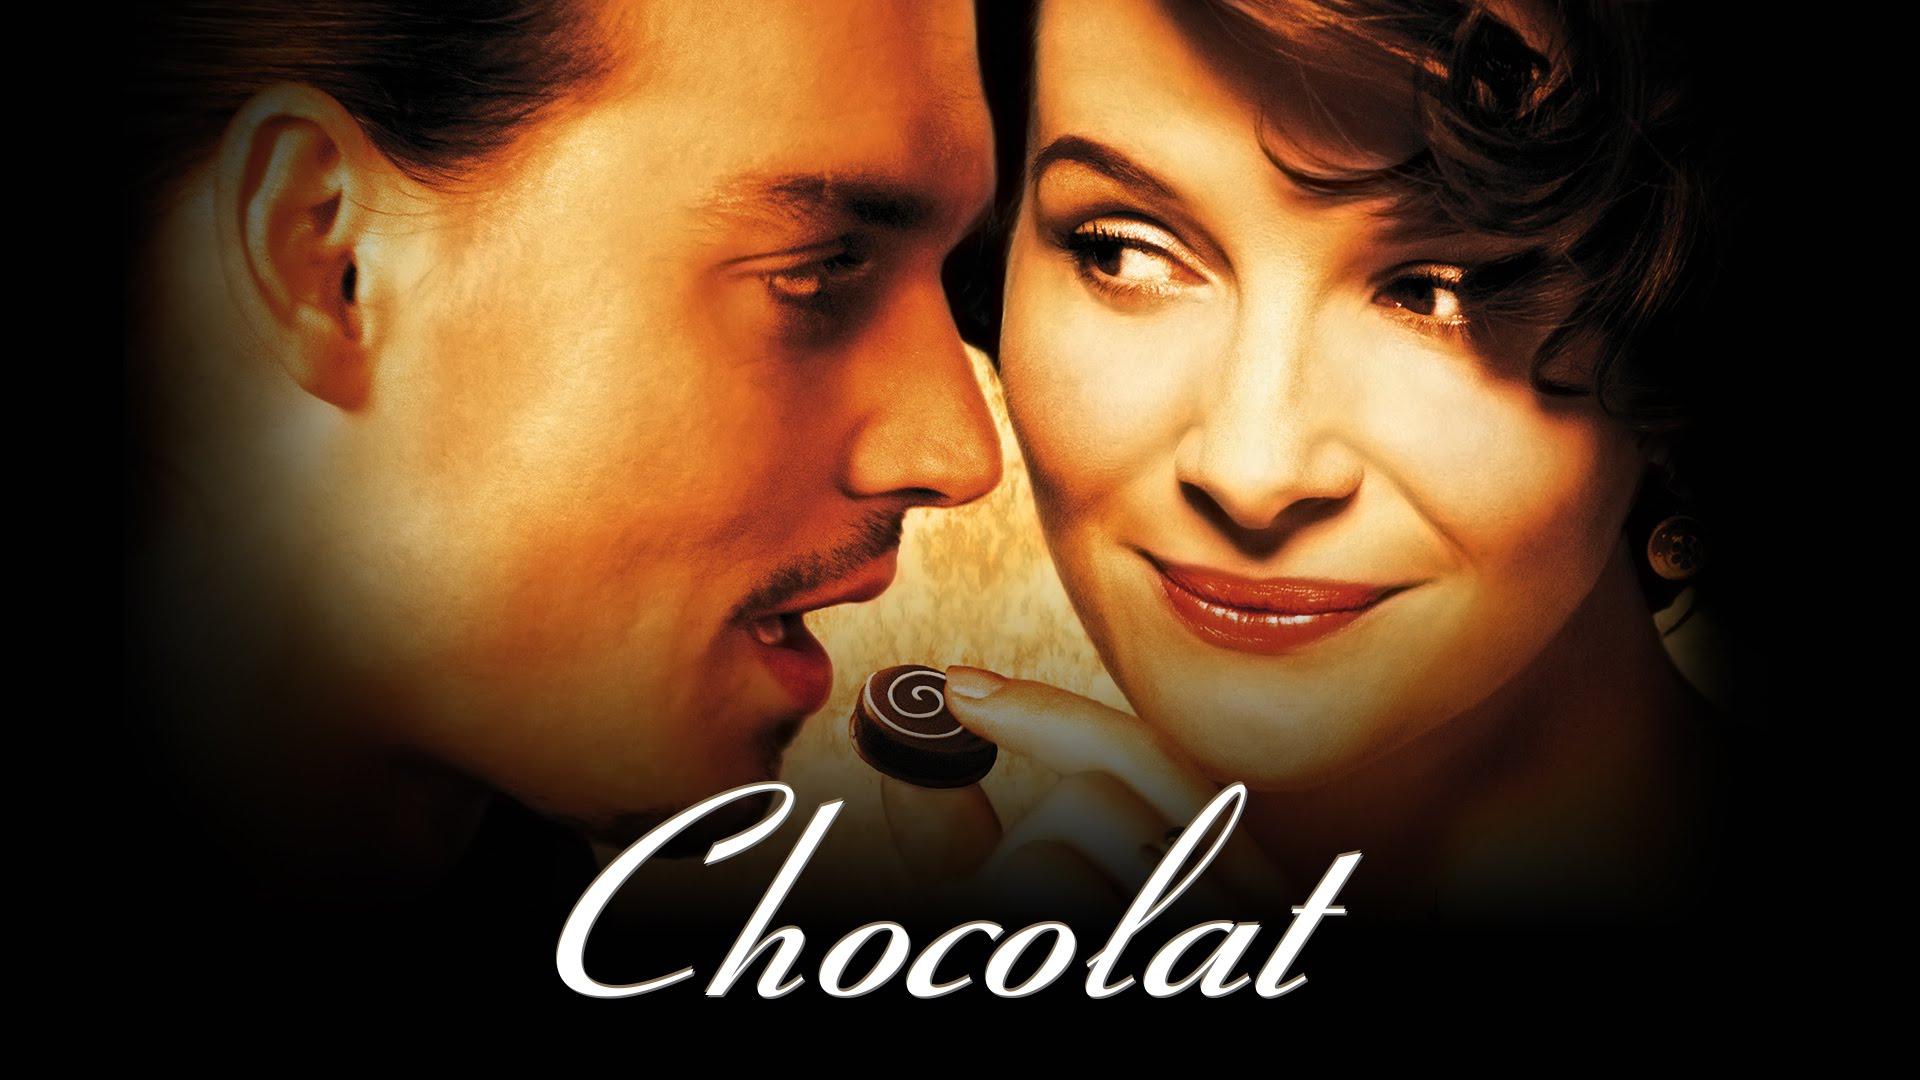 Chocolat หวานนัก...รักช็อคโกแลต 2000